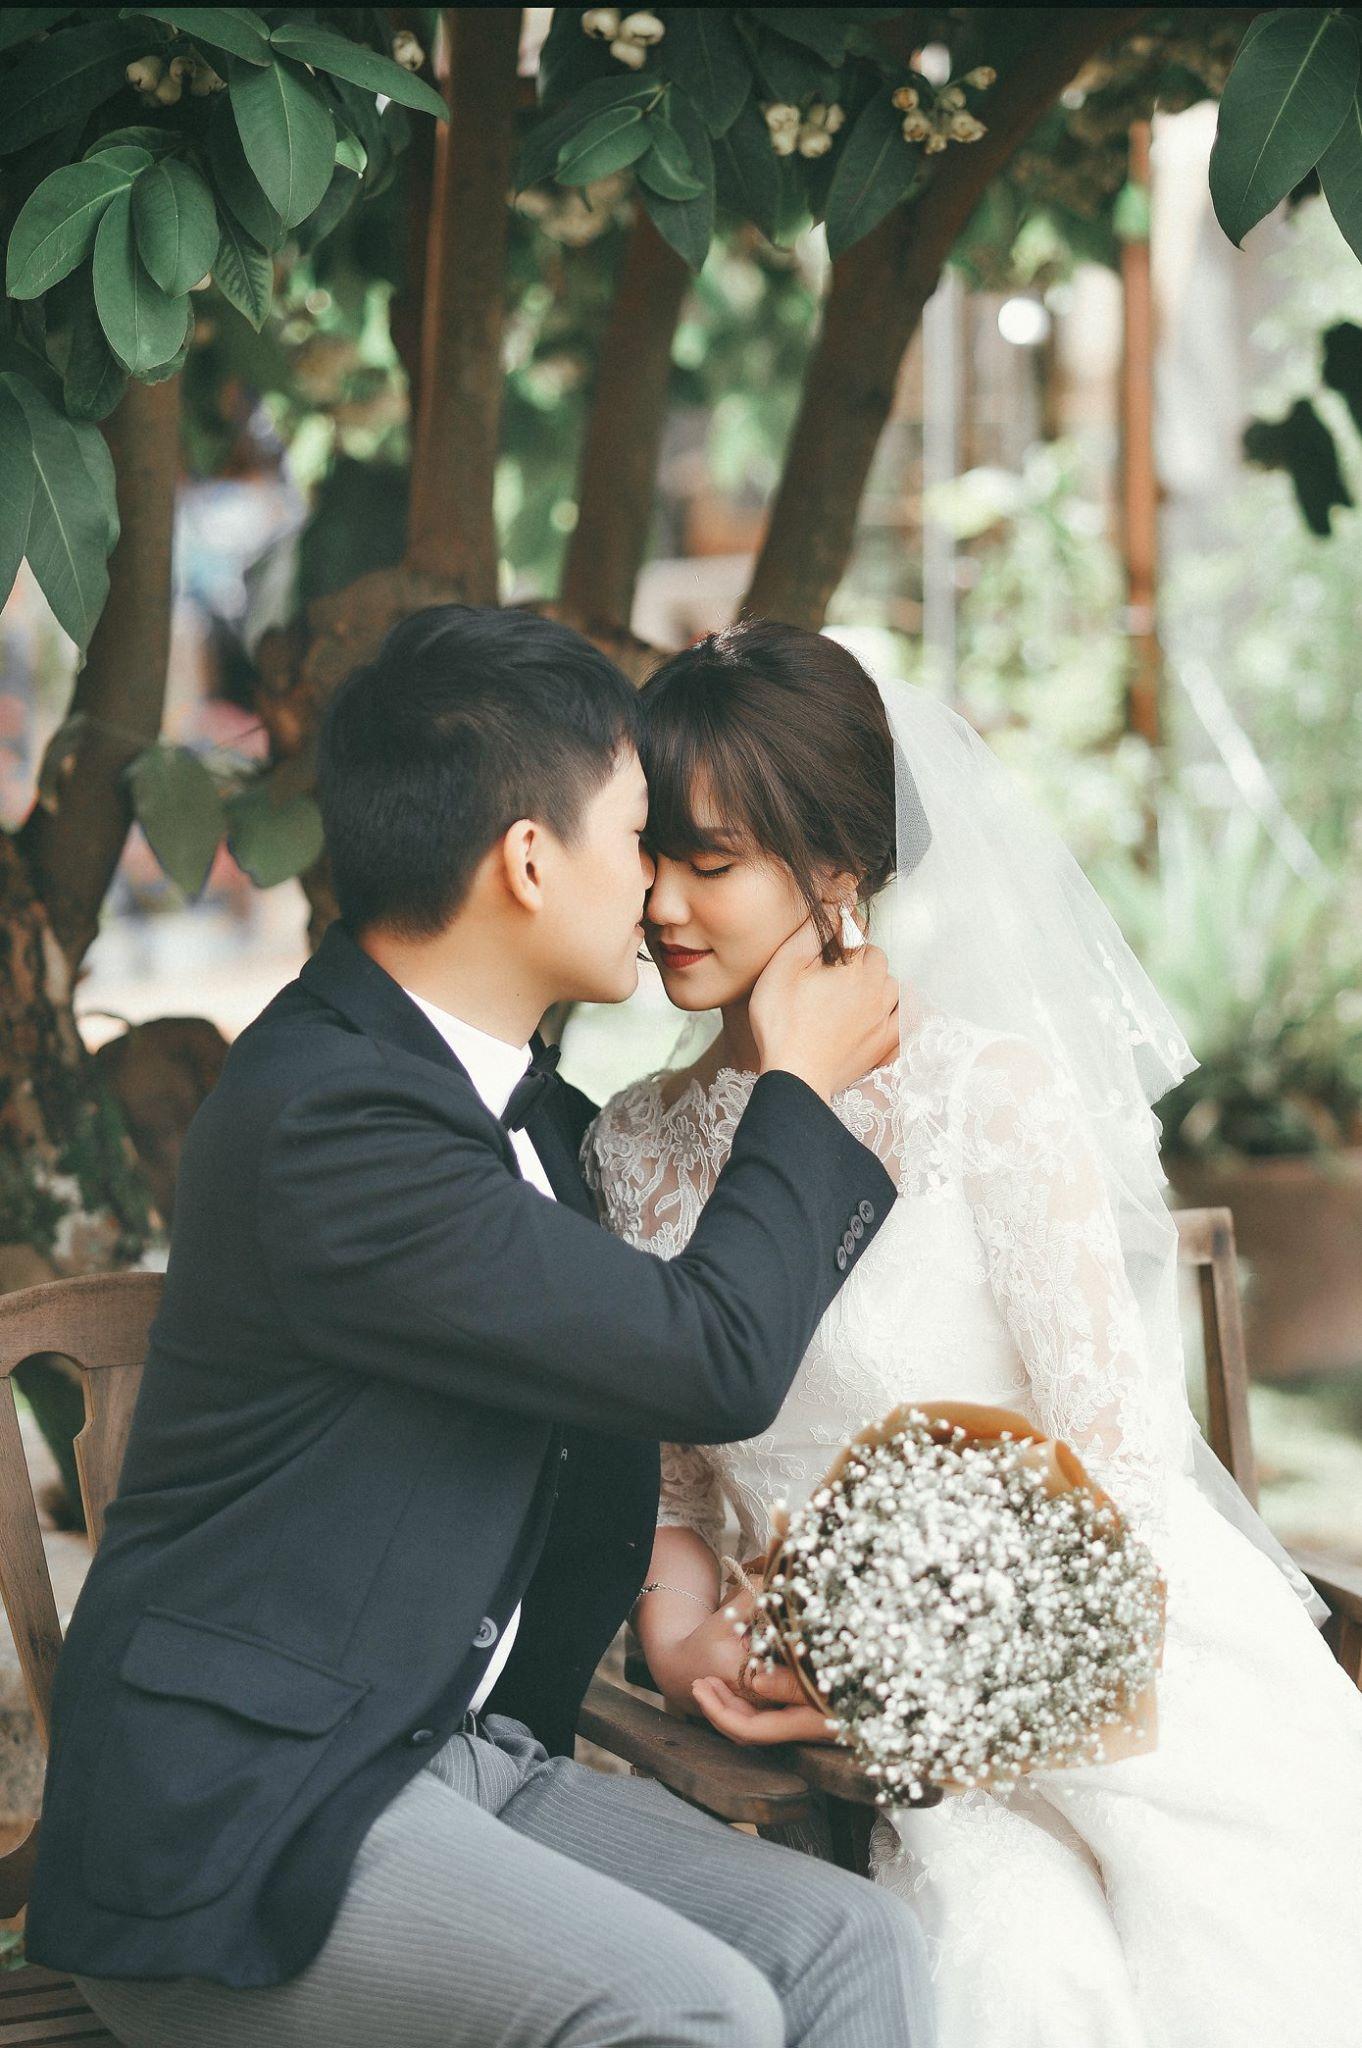 Trọn bộ ảnh cưới giản dị nhưng ngập tràn hạnh phúc của MC Trần Ngọc và 9x xinh đẹp - Ảnh 23.